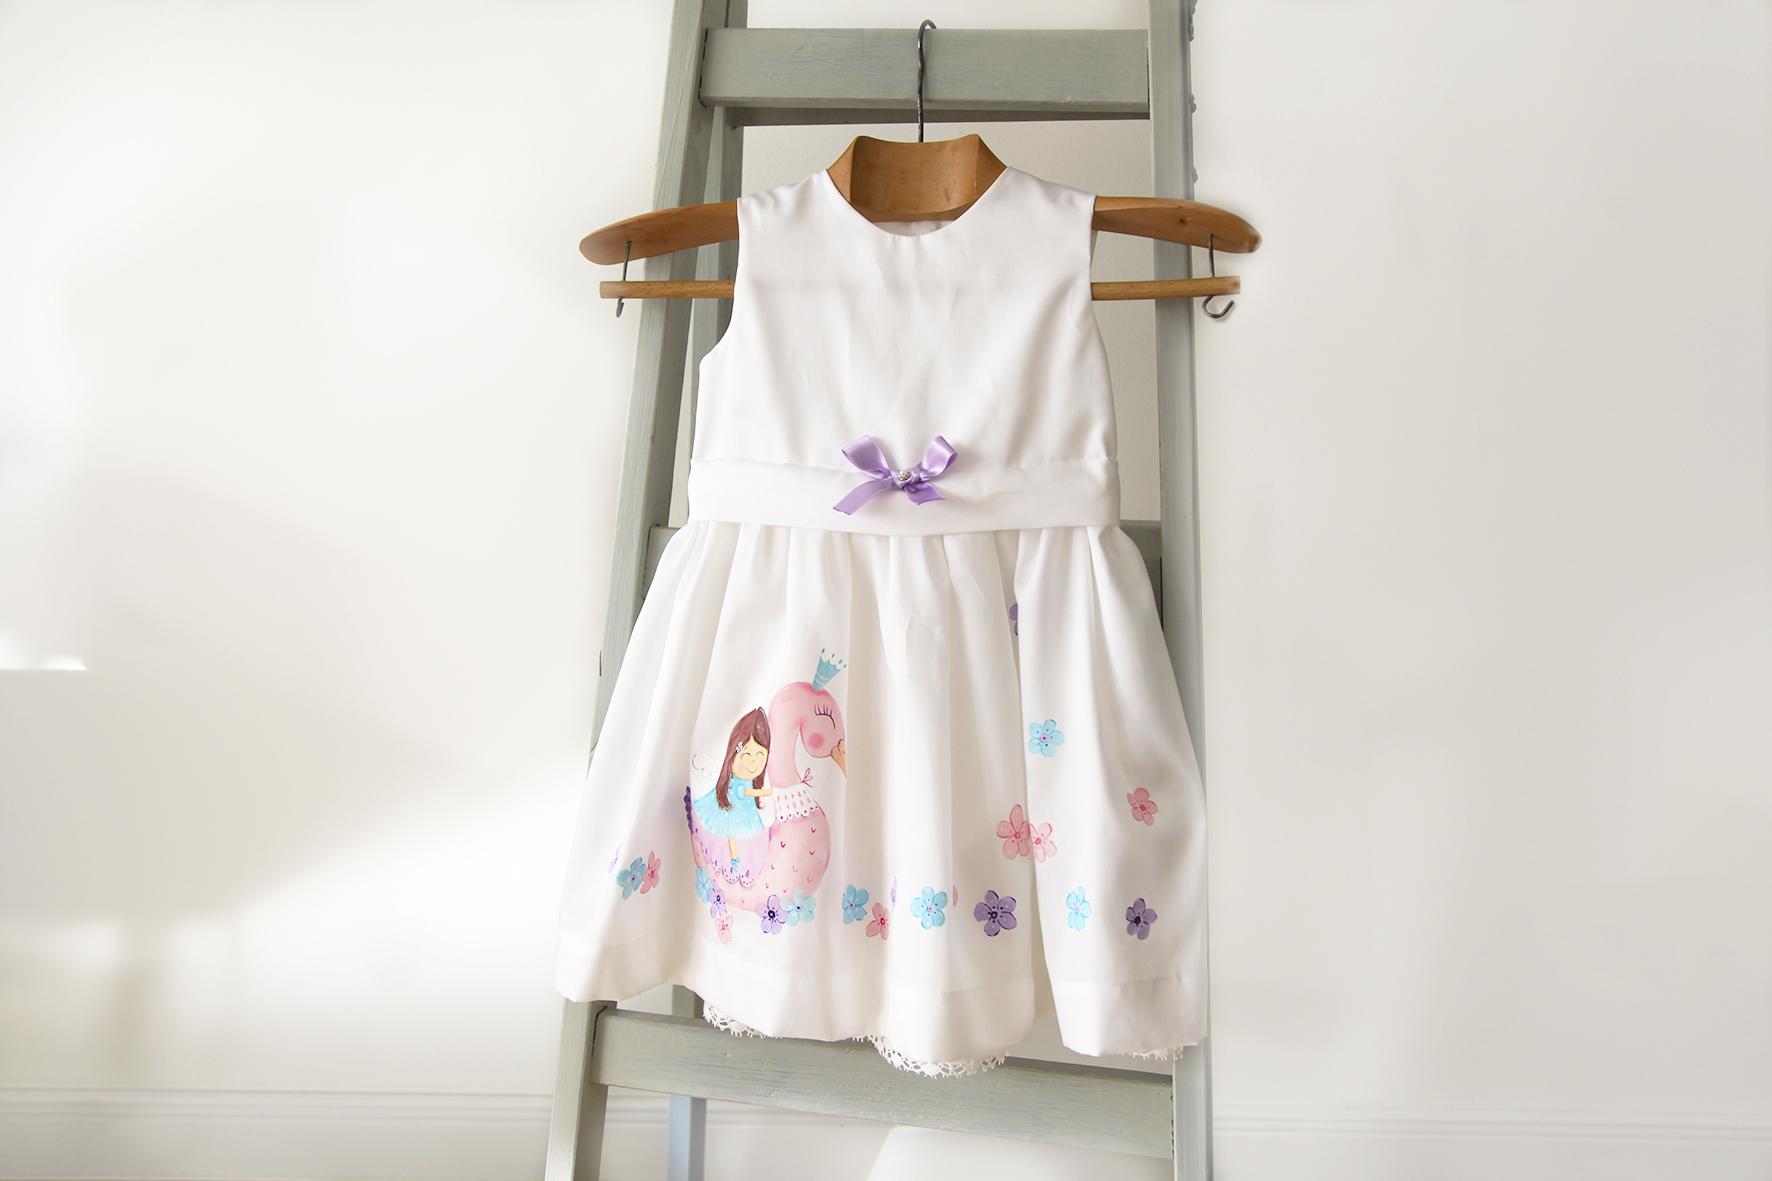 Luci_dress_2.jpg